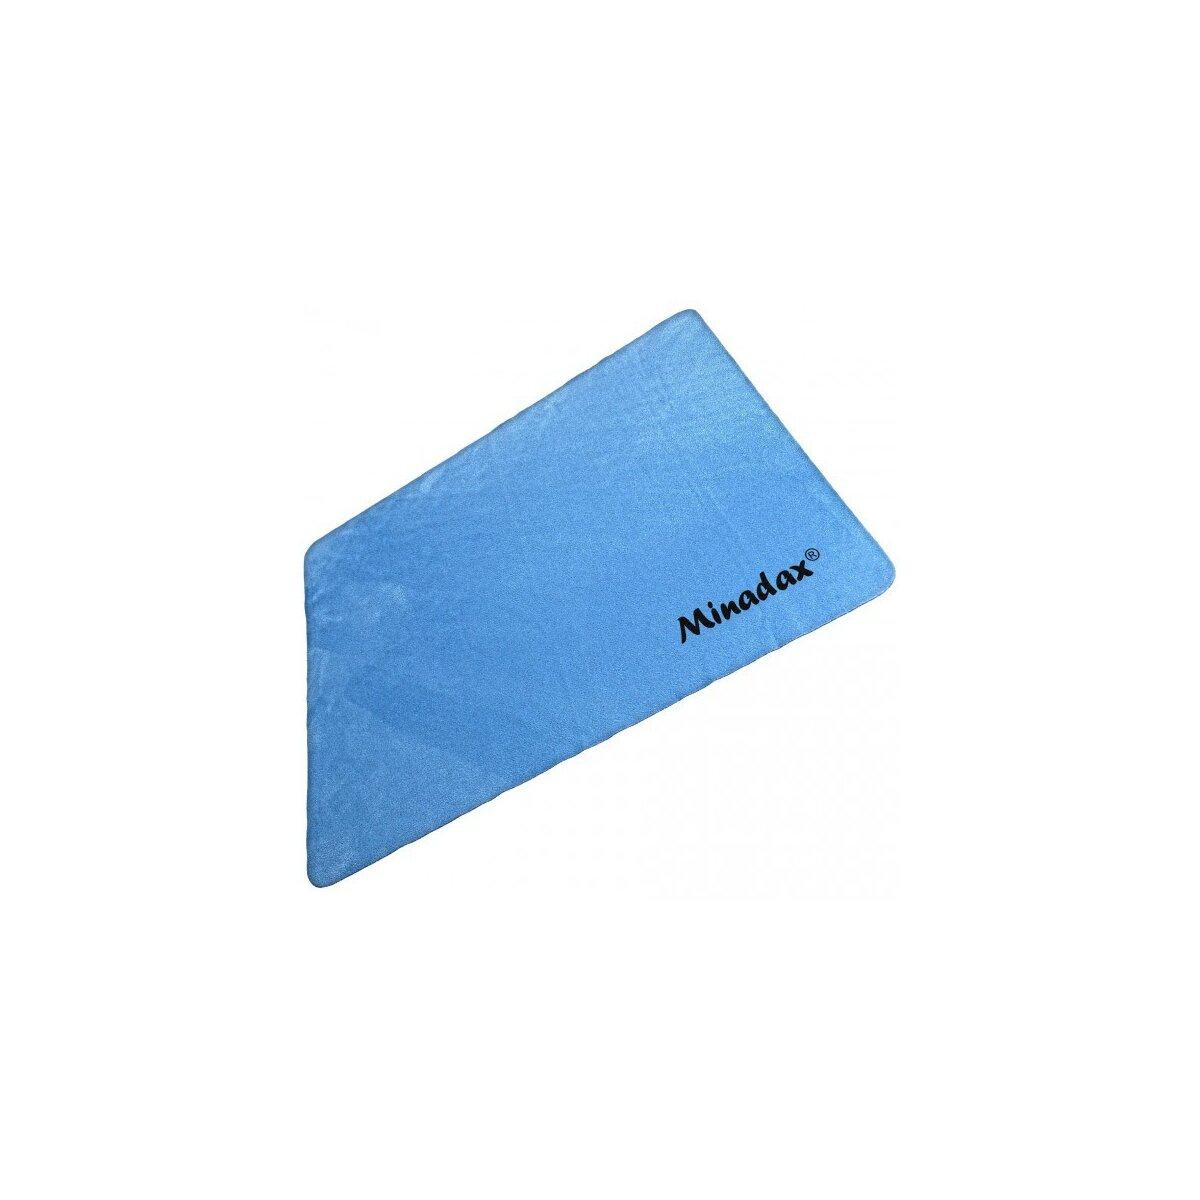 Minadax® 30 x 30 cm waschbares Mikrofaser Reinigungstuch fuer empfindliche Oberflaechen wie Objektive, Filter, Brillen oder Bildschirme